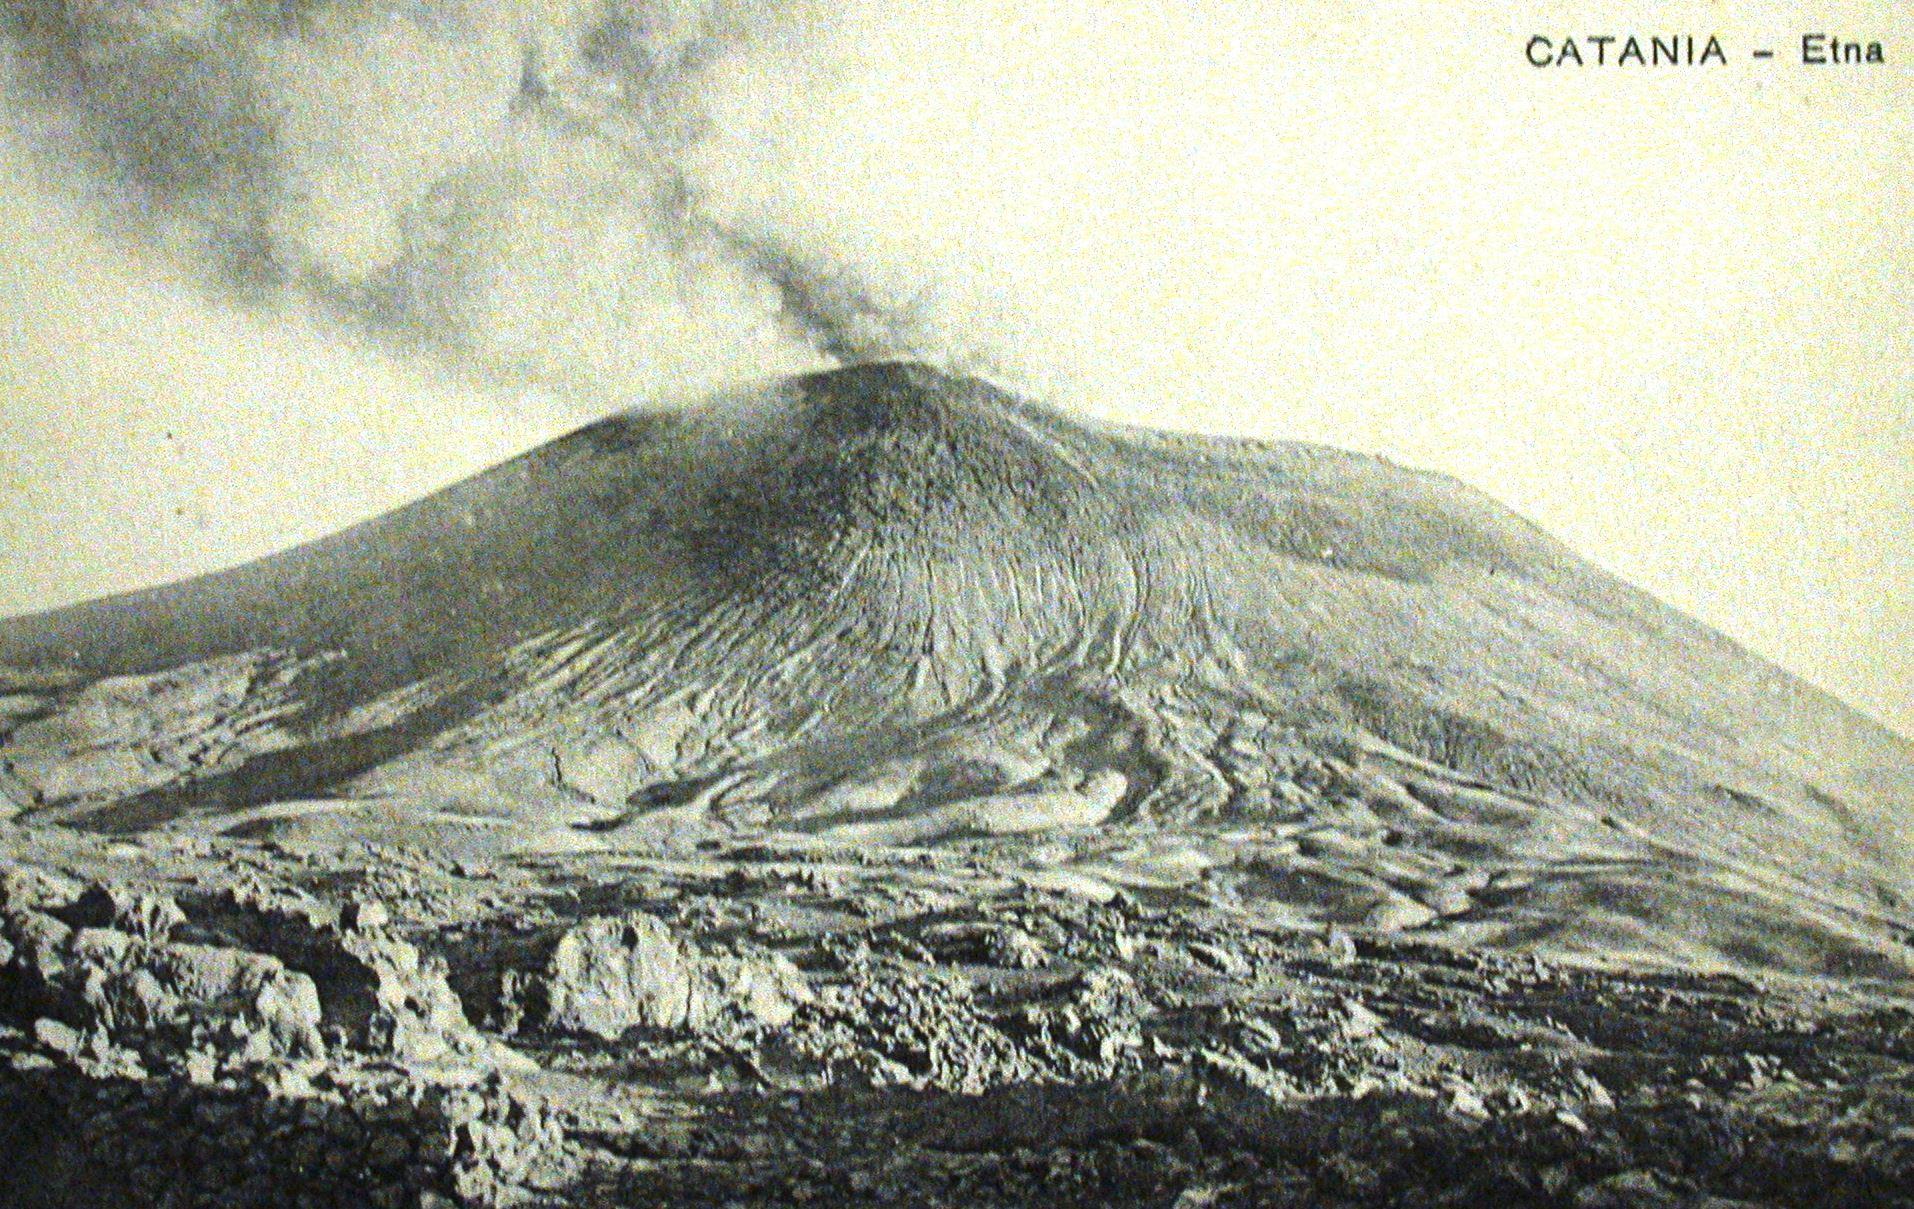 L'Etna e le sue eruzioni